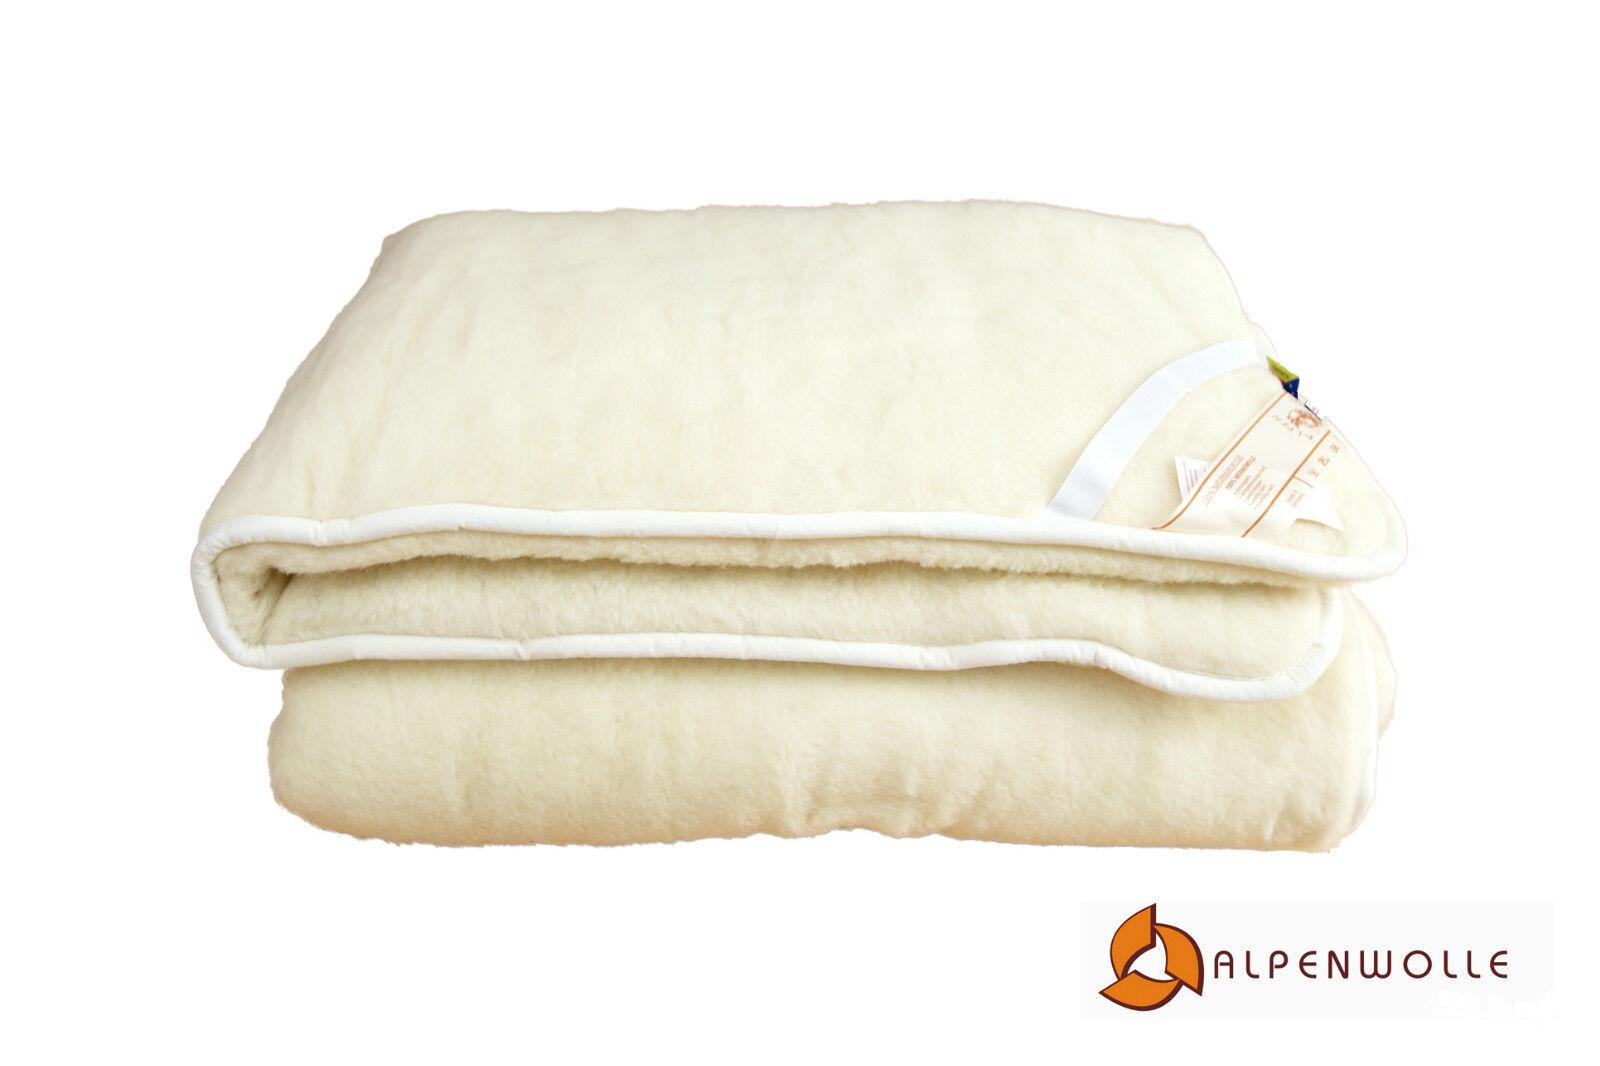 Unterbett doppelt, Schurwolle Bettauflage, Schonbezug 100% Wolle